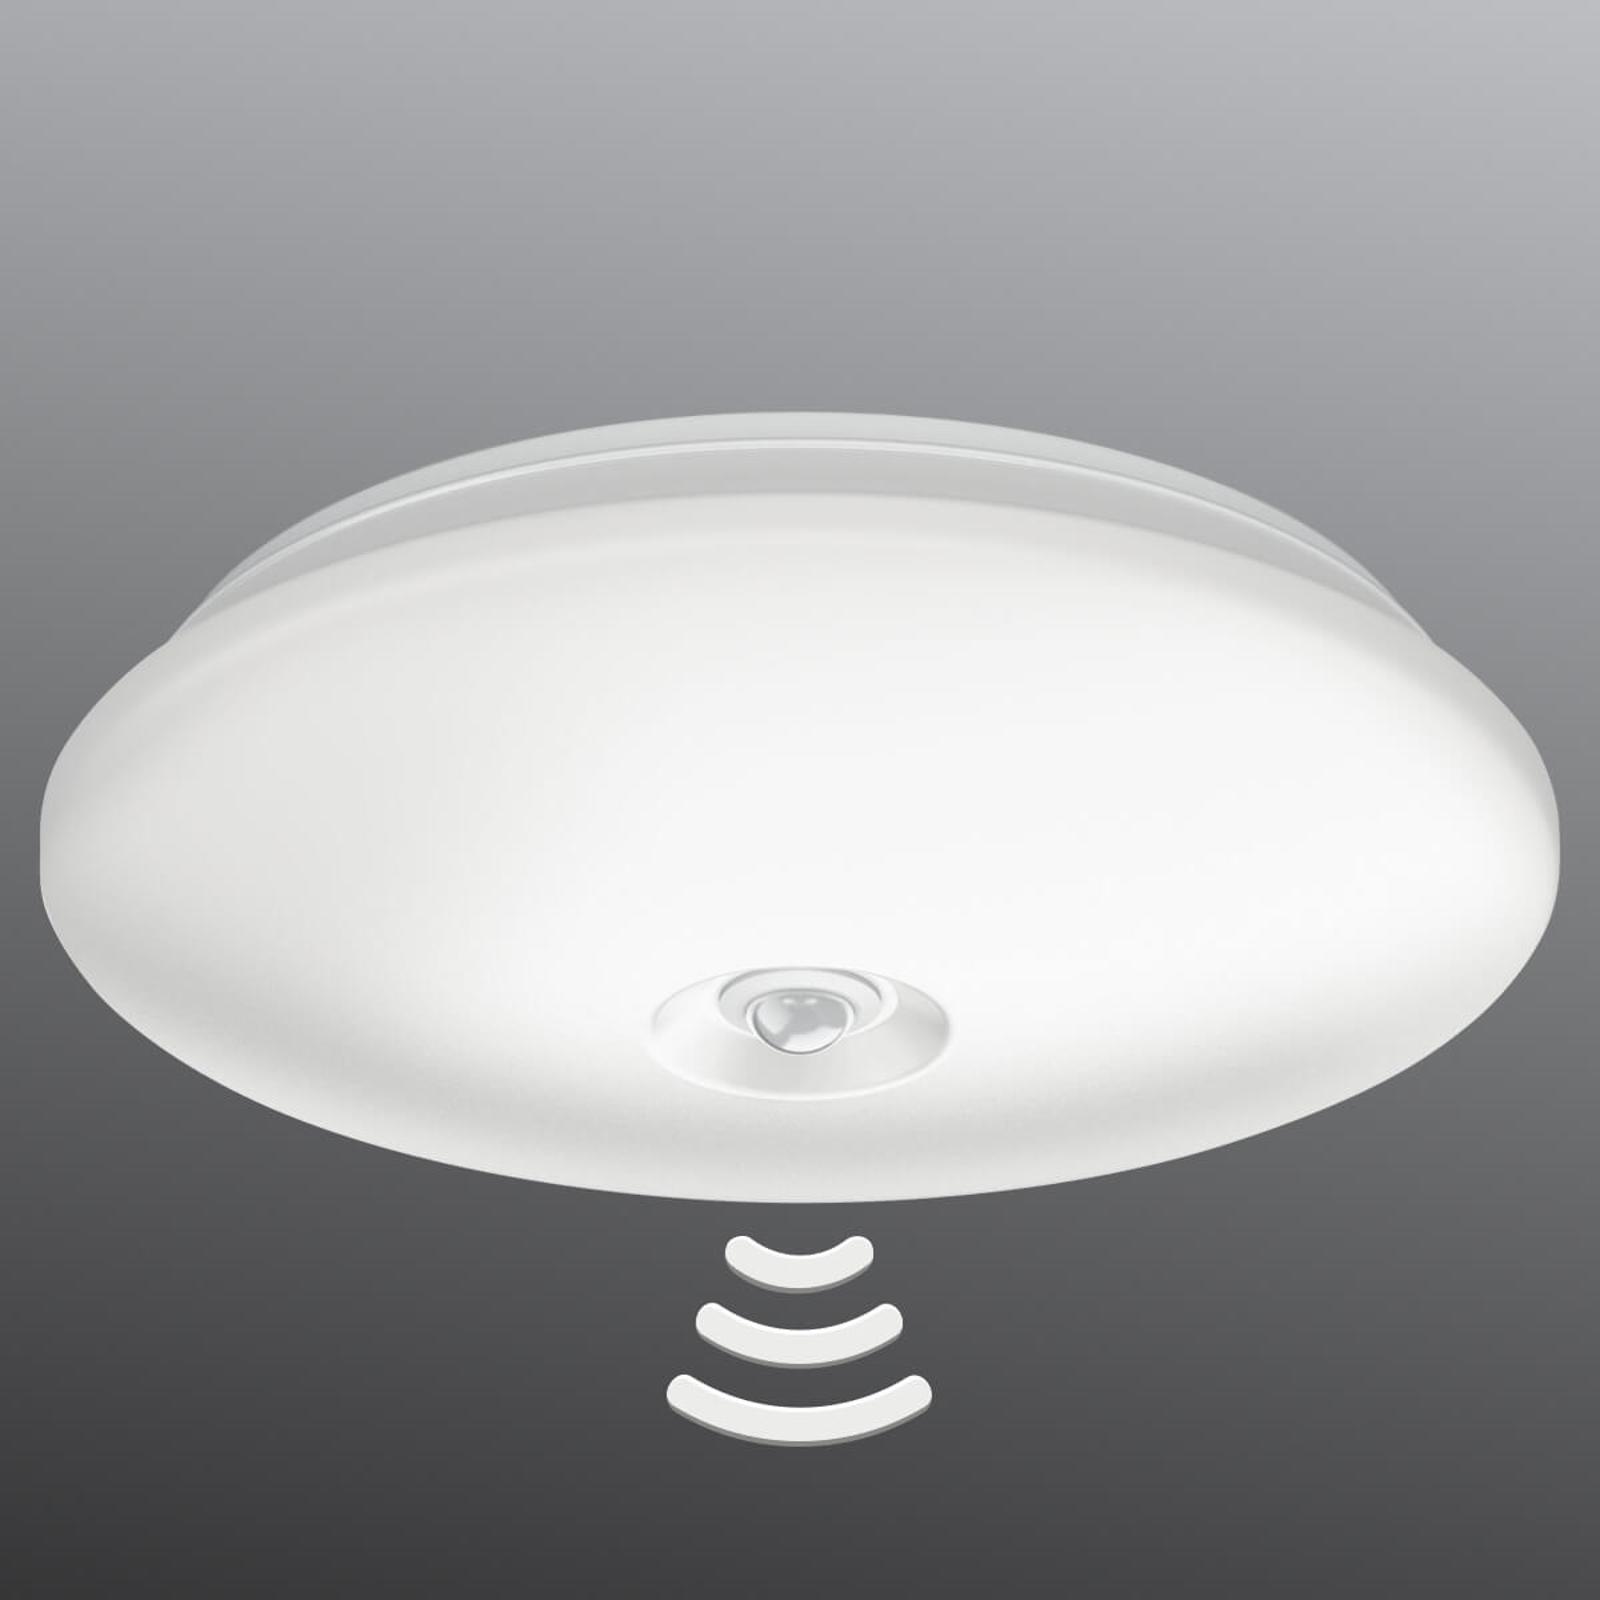 Philips Mauve LED stropní světlo IR senzor 32 cm